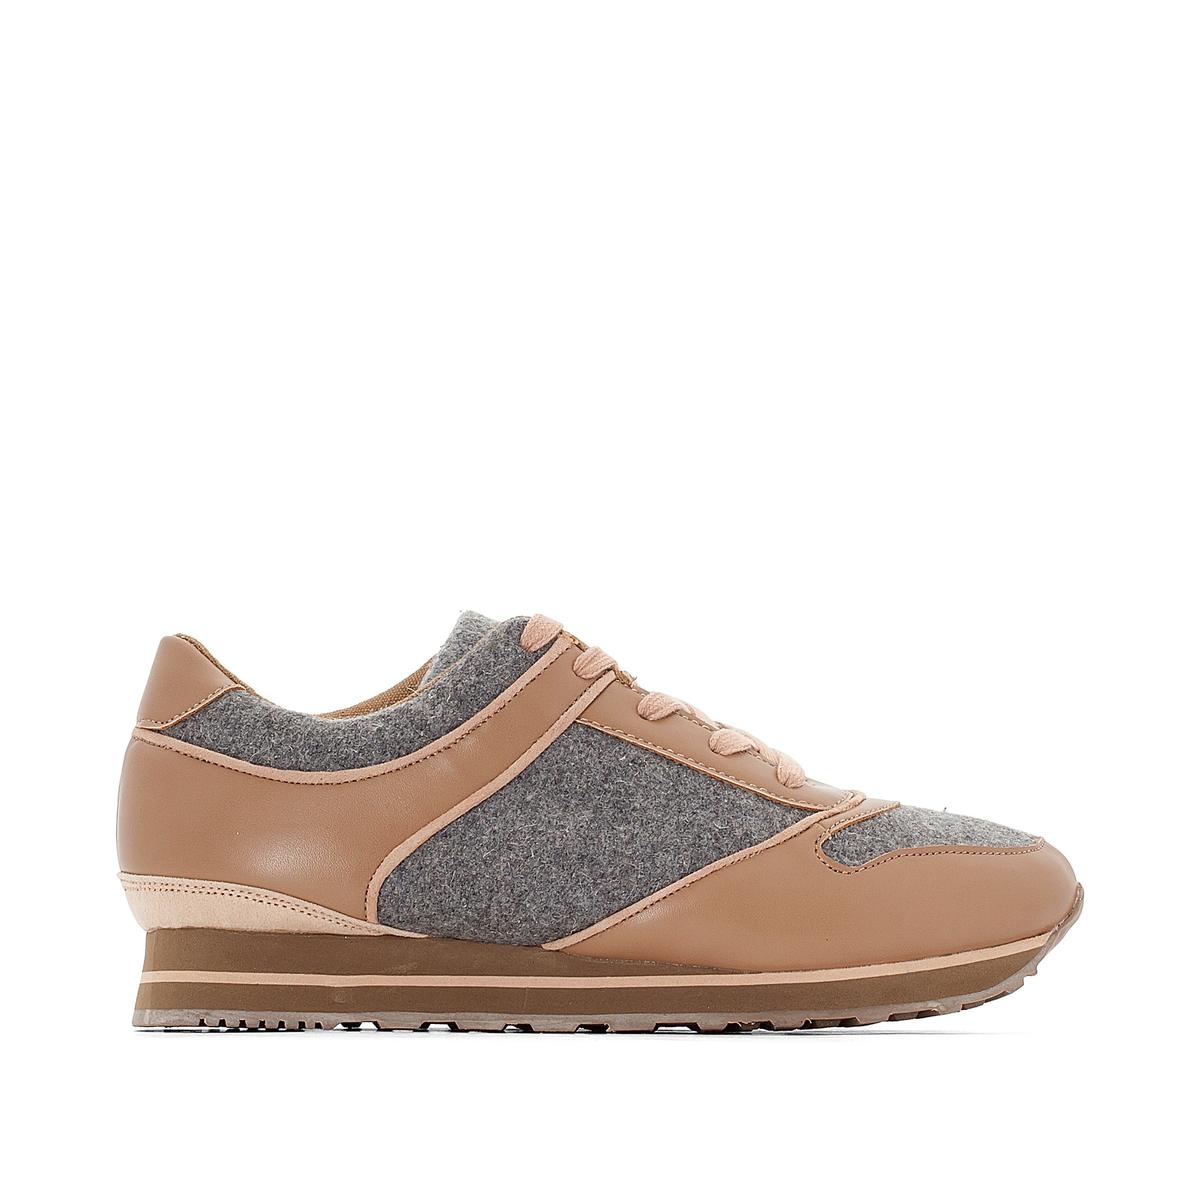 КедыДетали  •  Спортивный стиль •  Плоский каблук •  Высота каблука : 0 см •  Застежка : шнуровка •  Гладкая отделкаСостав и уход  •  Верх 50% шерсти, 50% синтетики •  Подкладка 100% текстиль •  Стелька 100% текстиль<br><br>Цвет: серый<br>Размер: 45.44.43.41.40.38